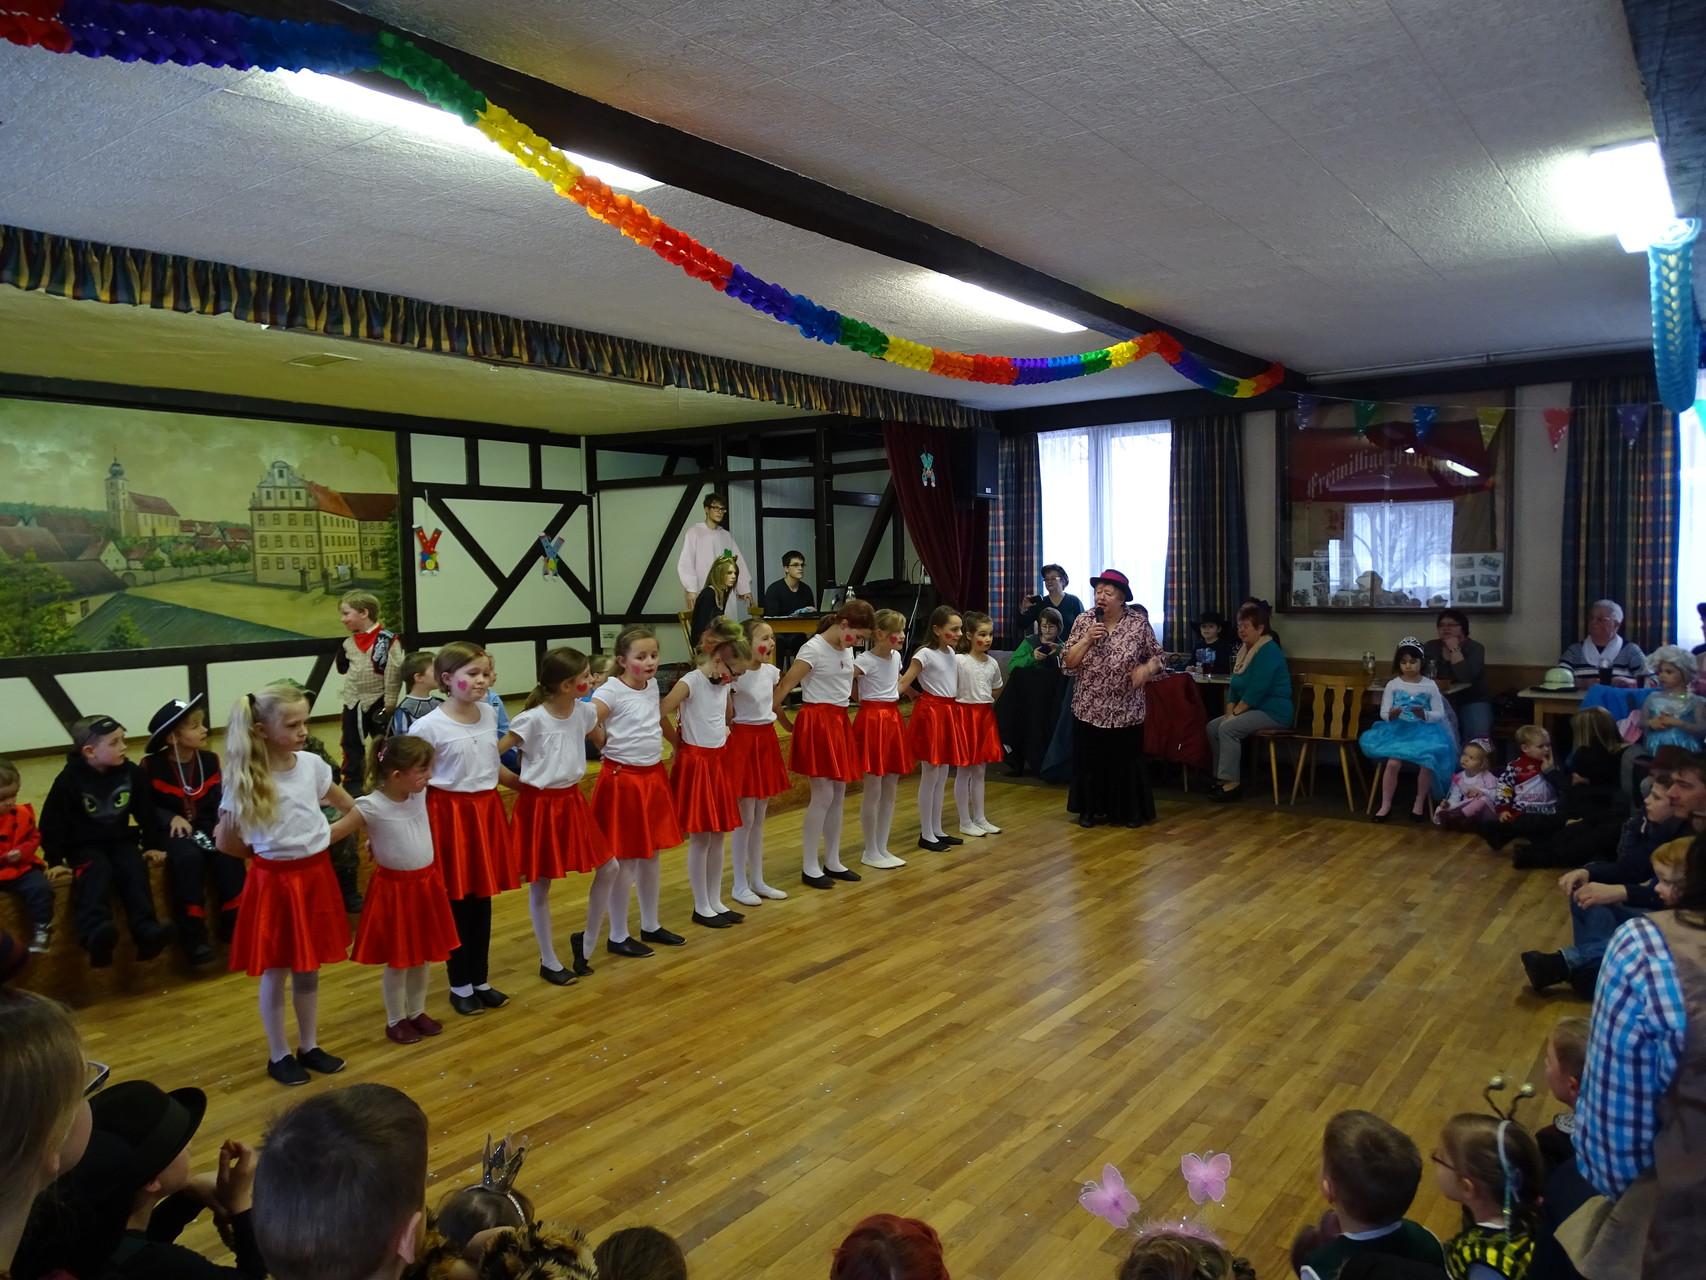 Auftritt der Pettstadter Tanzgruppe mit Legende Erna ;)